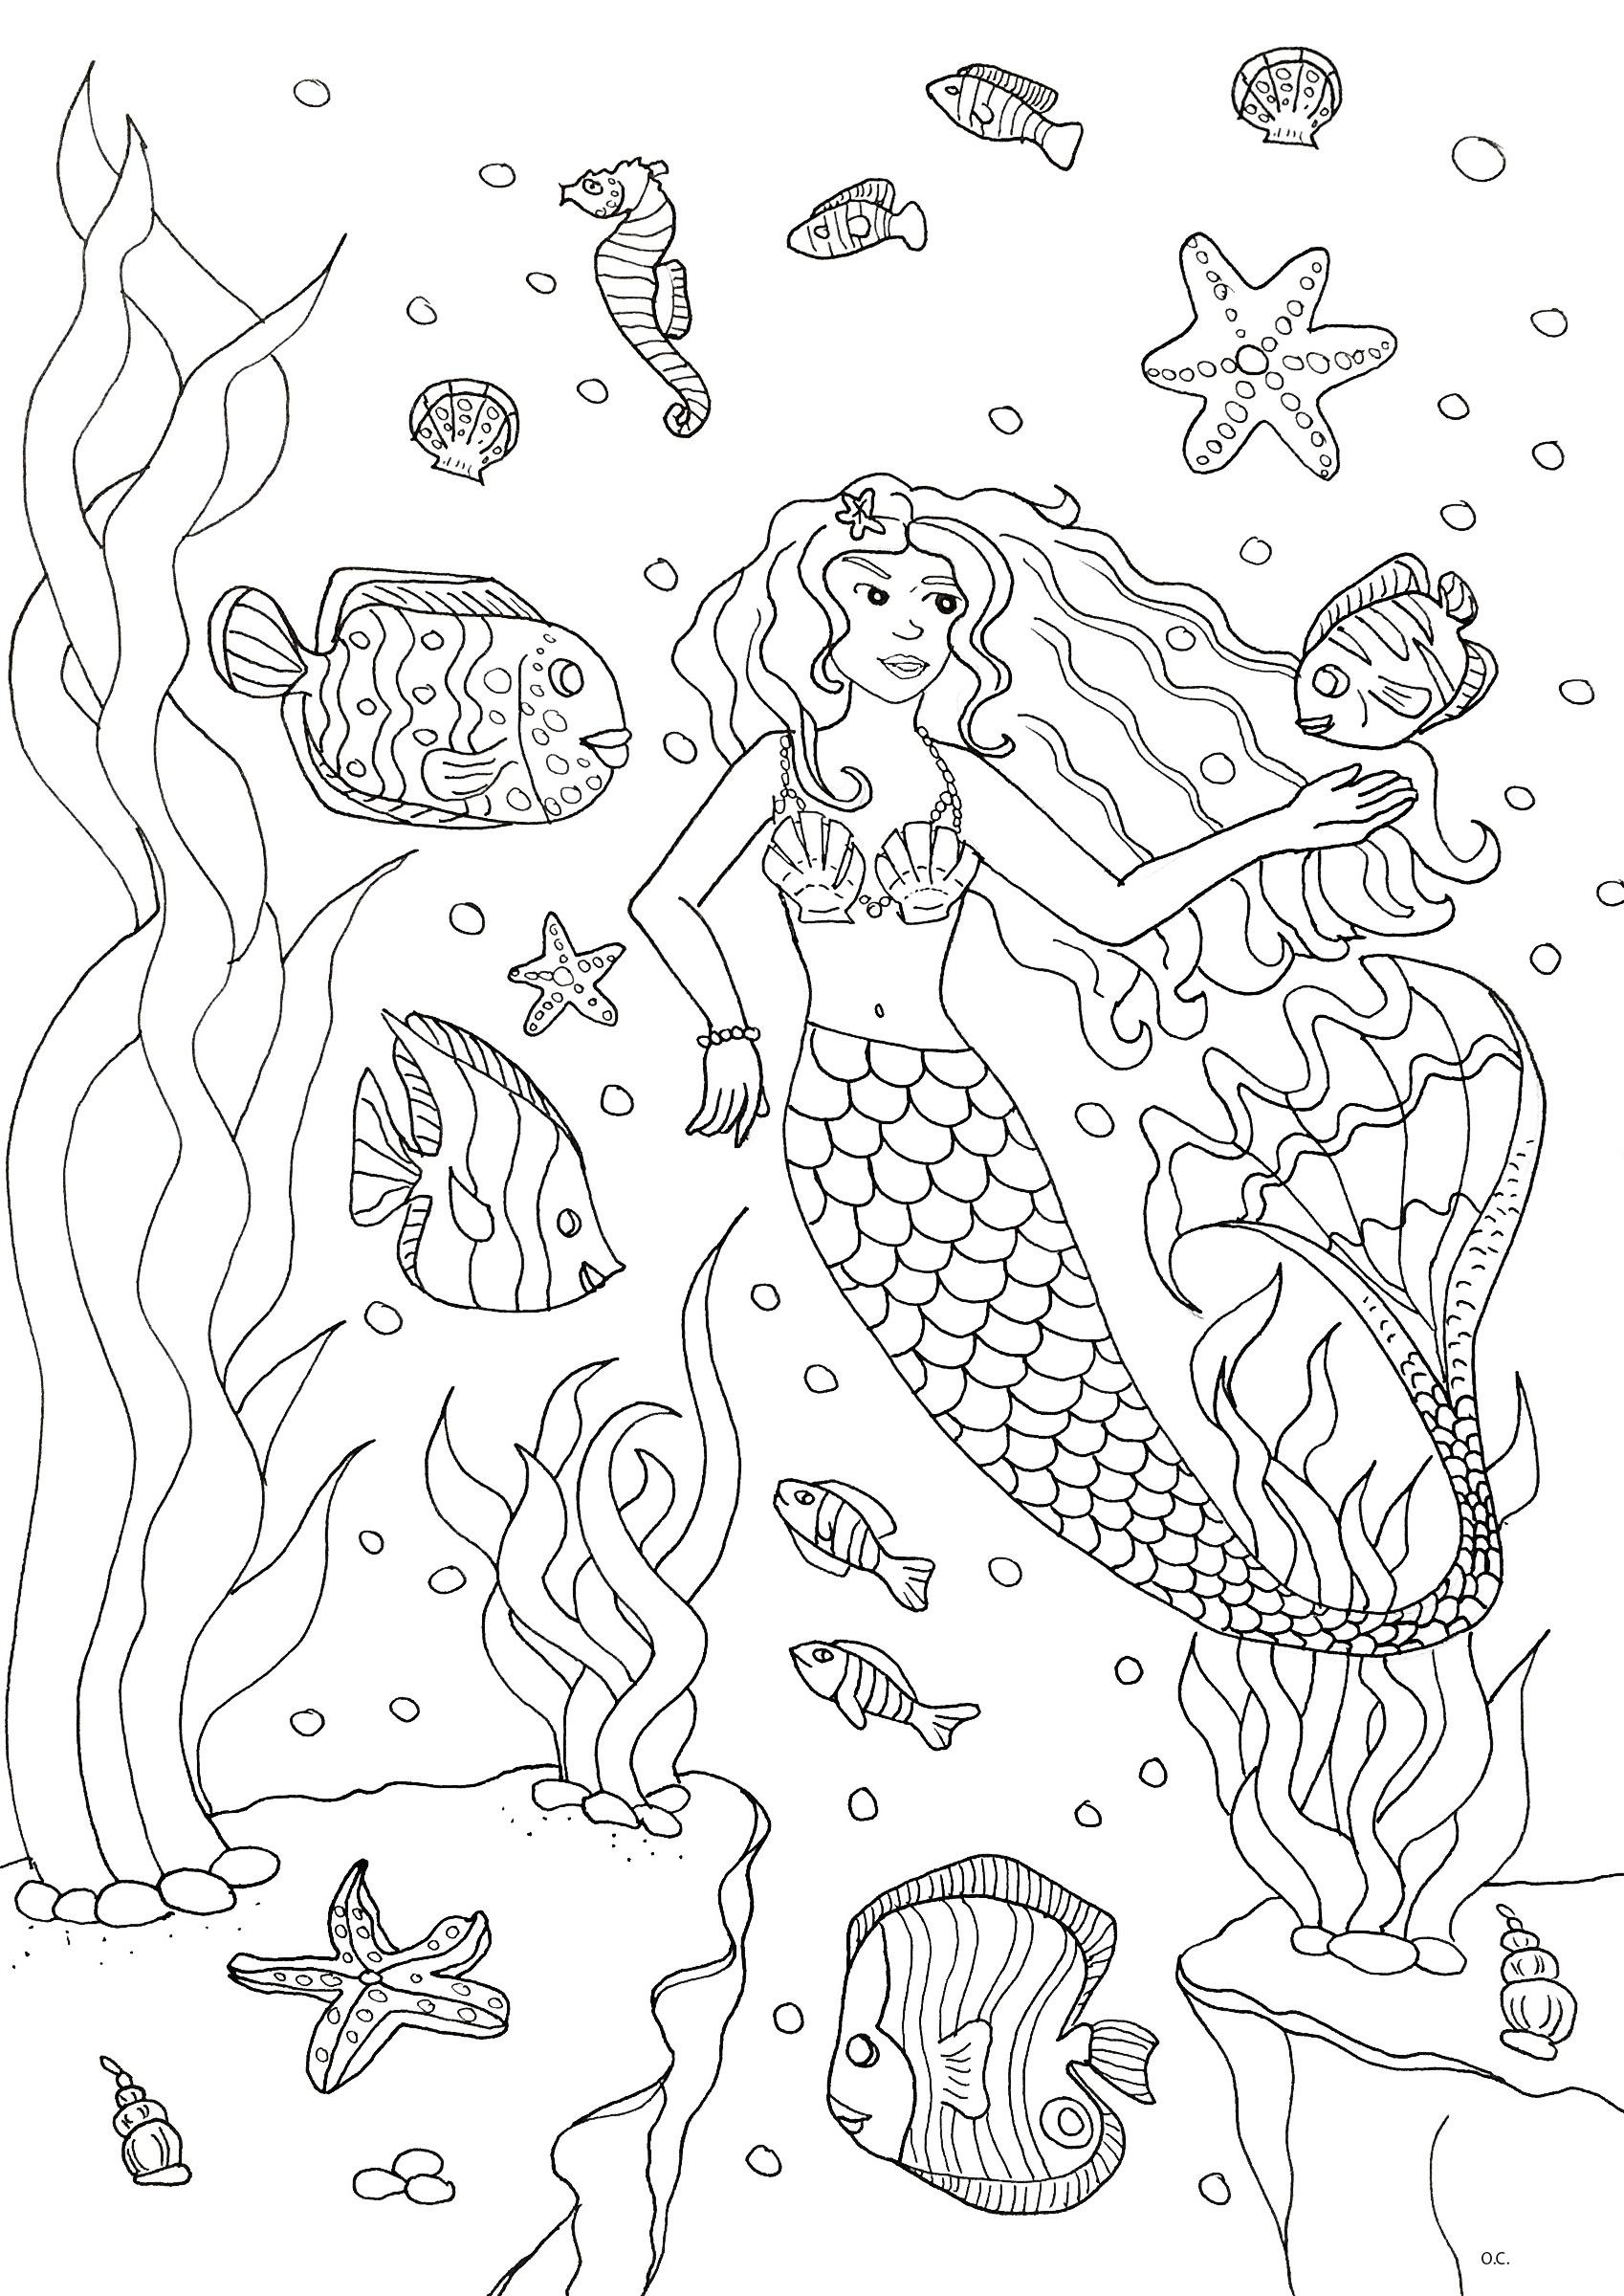 Colorear para adultos : Sirene - 6